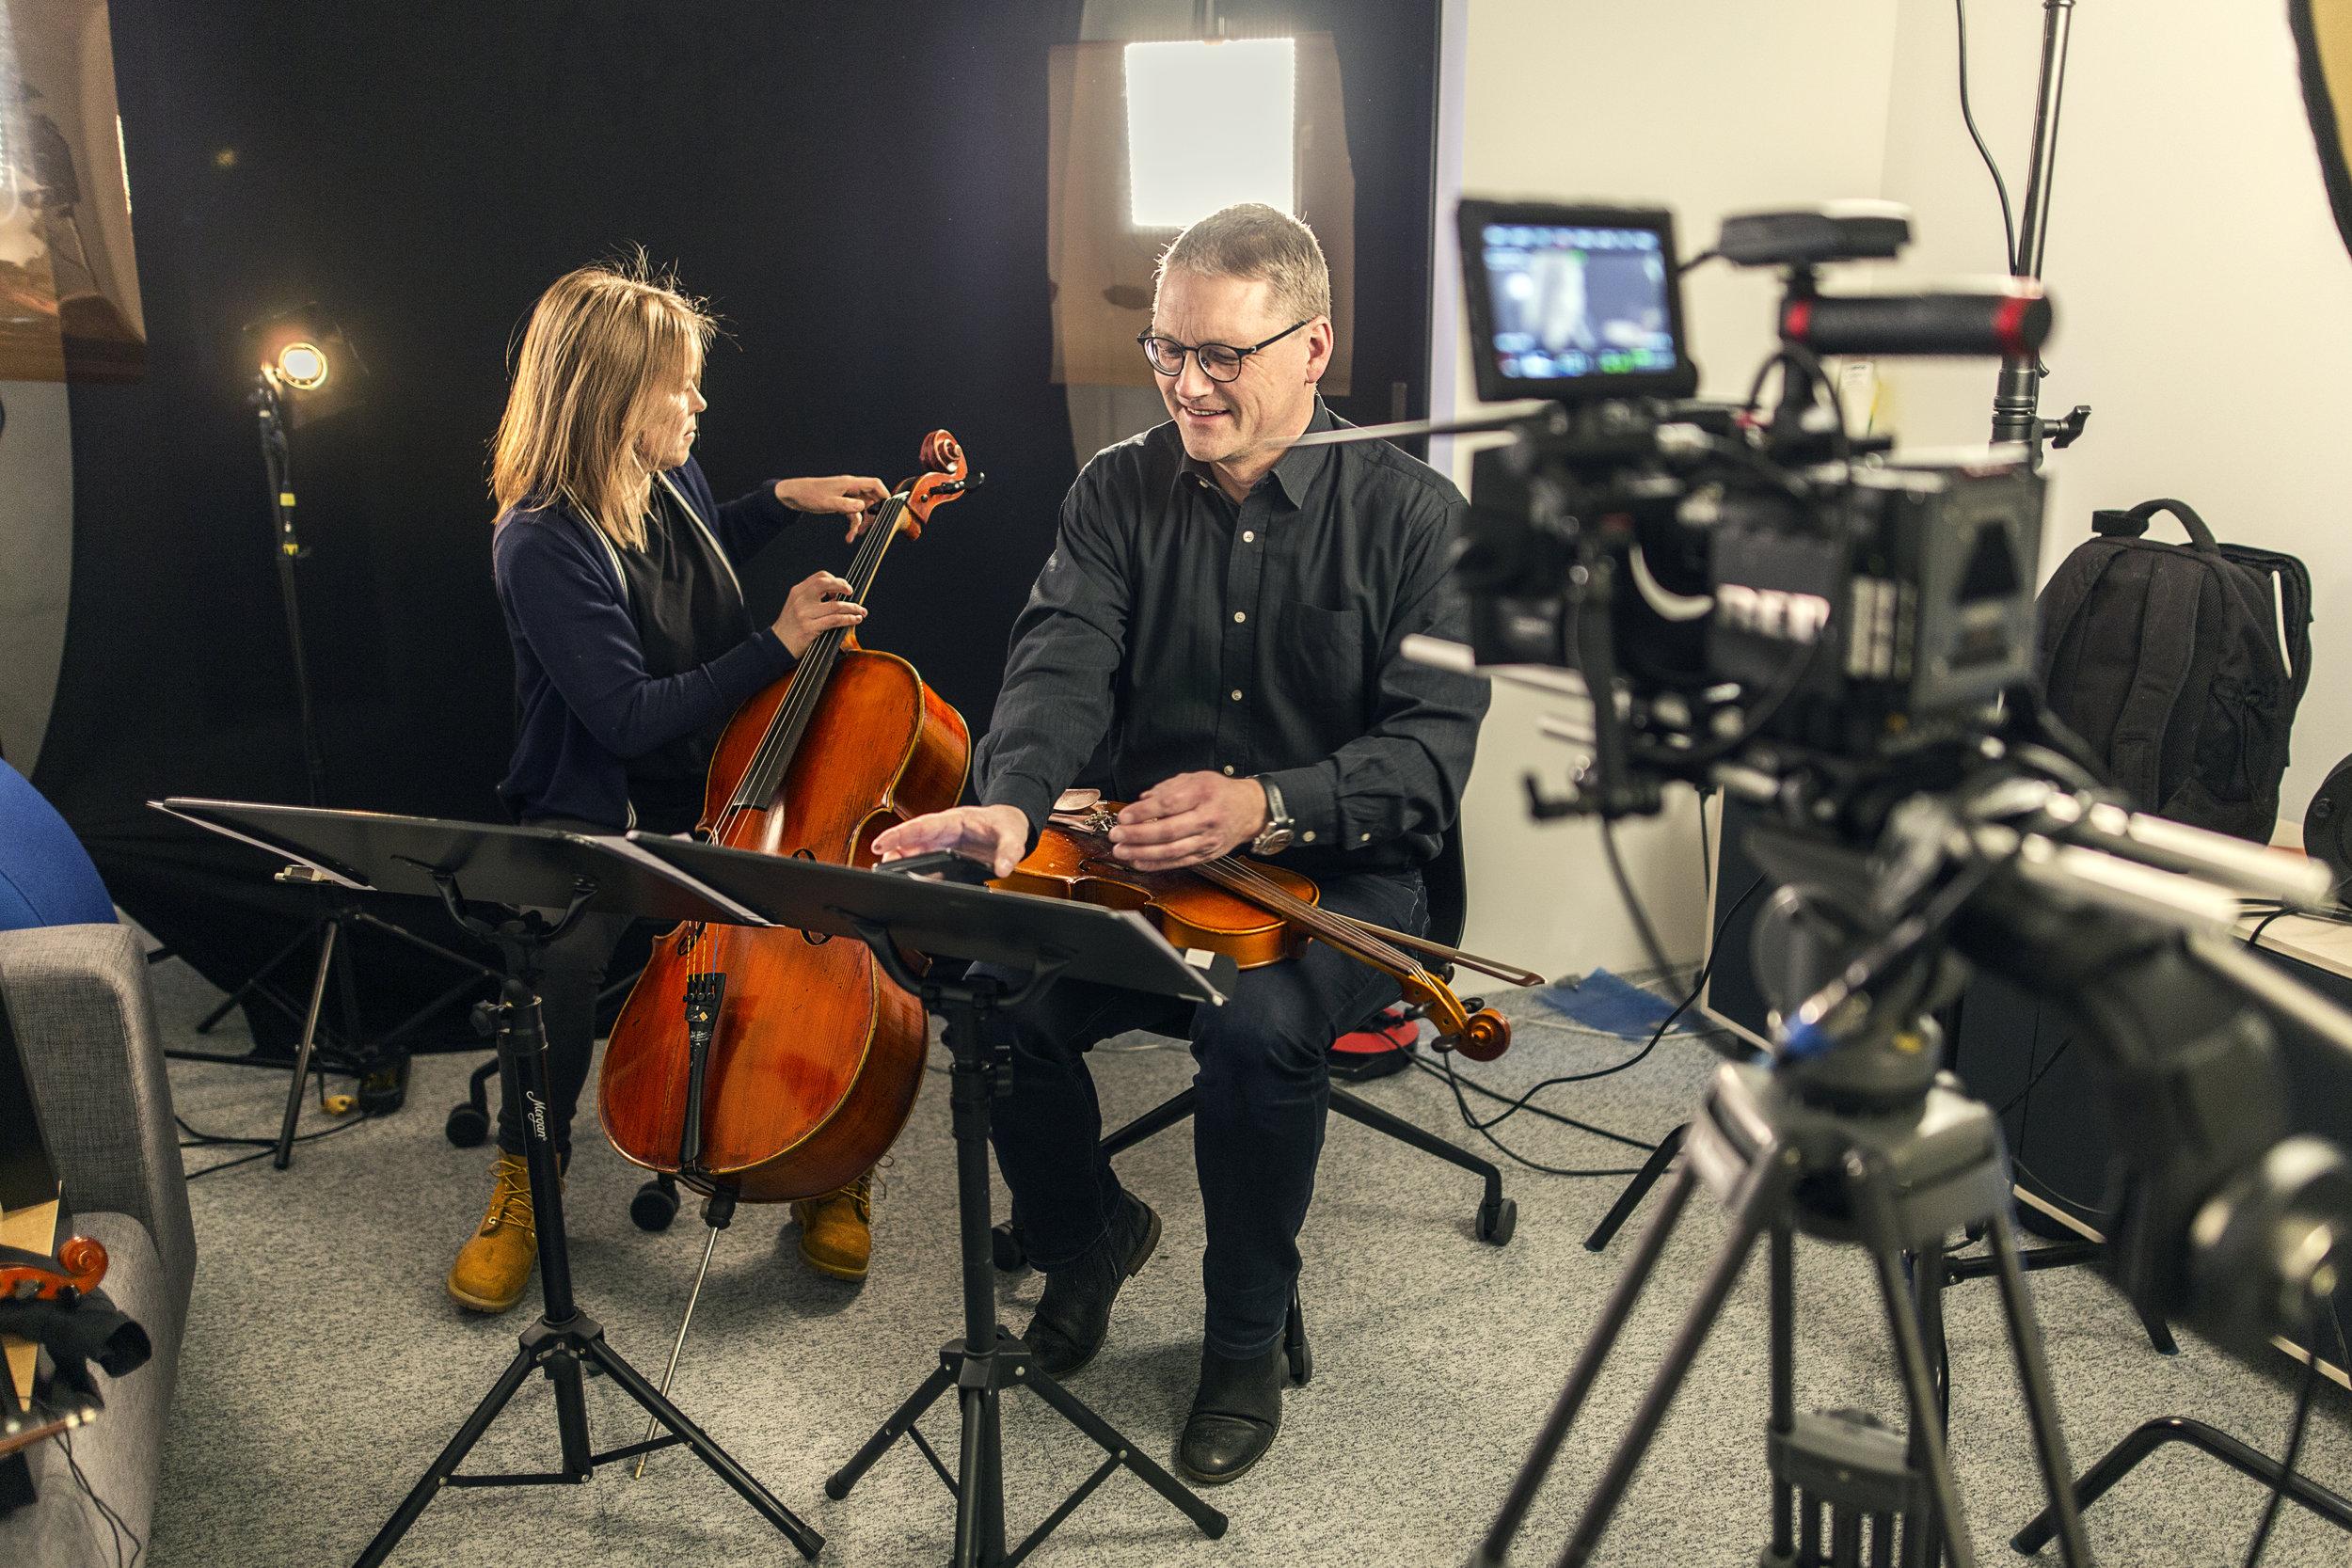 video_cello_bratsj.jpg